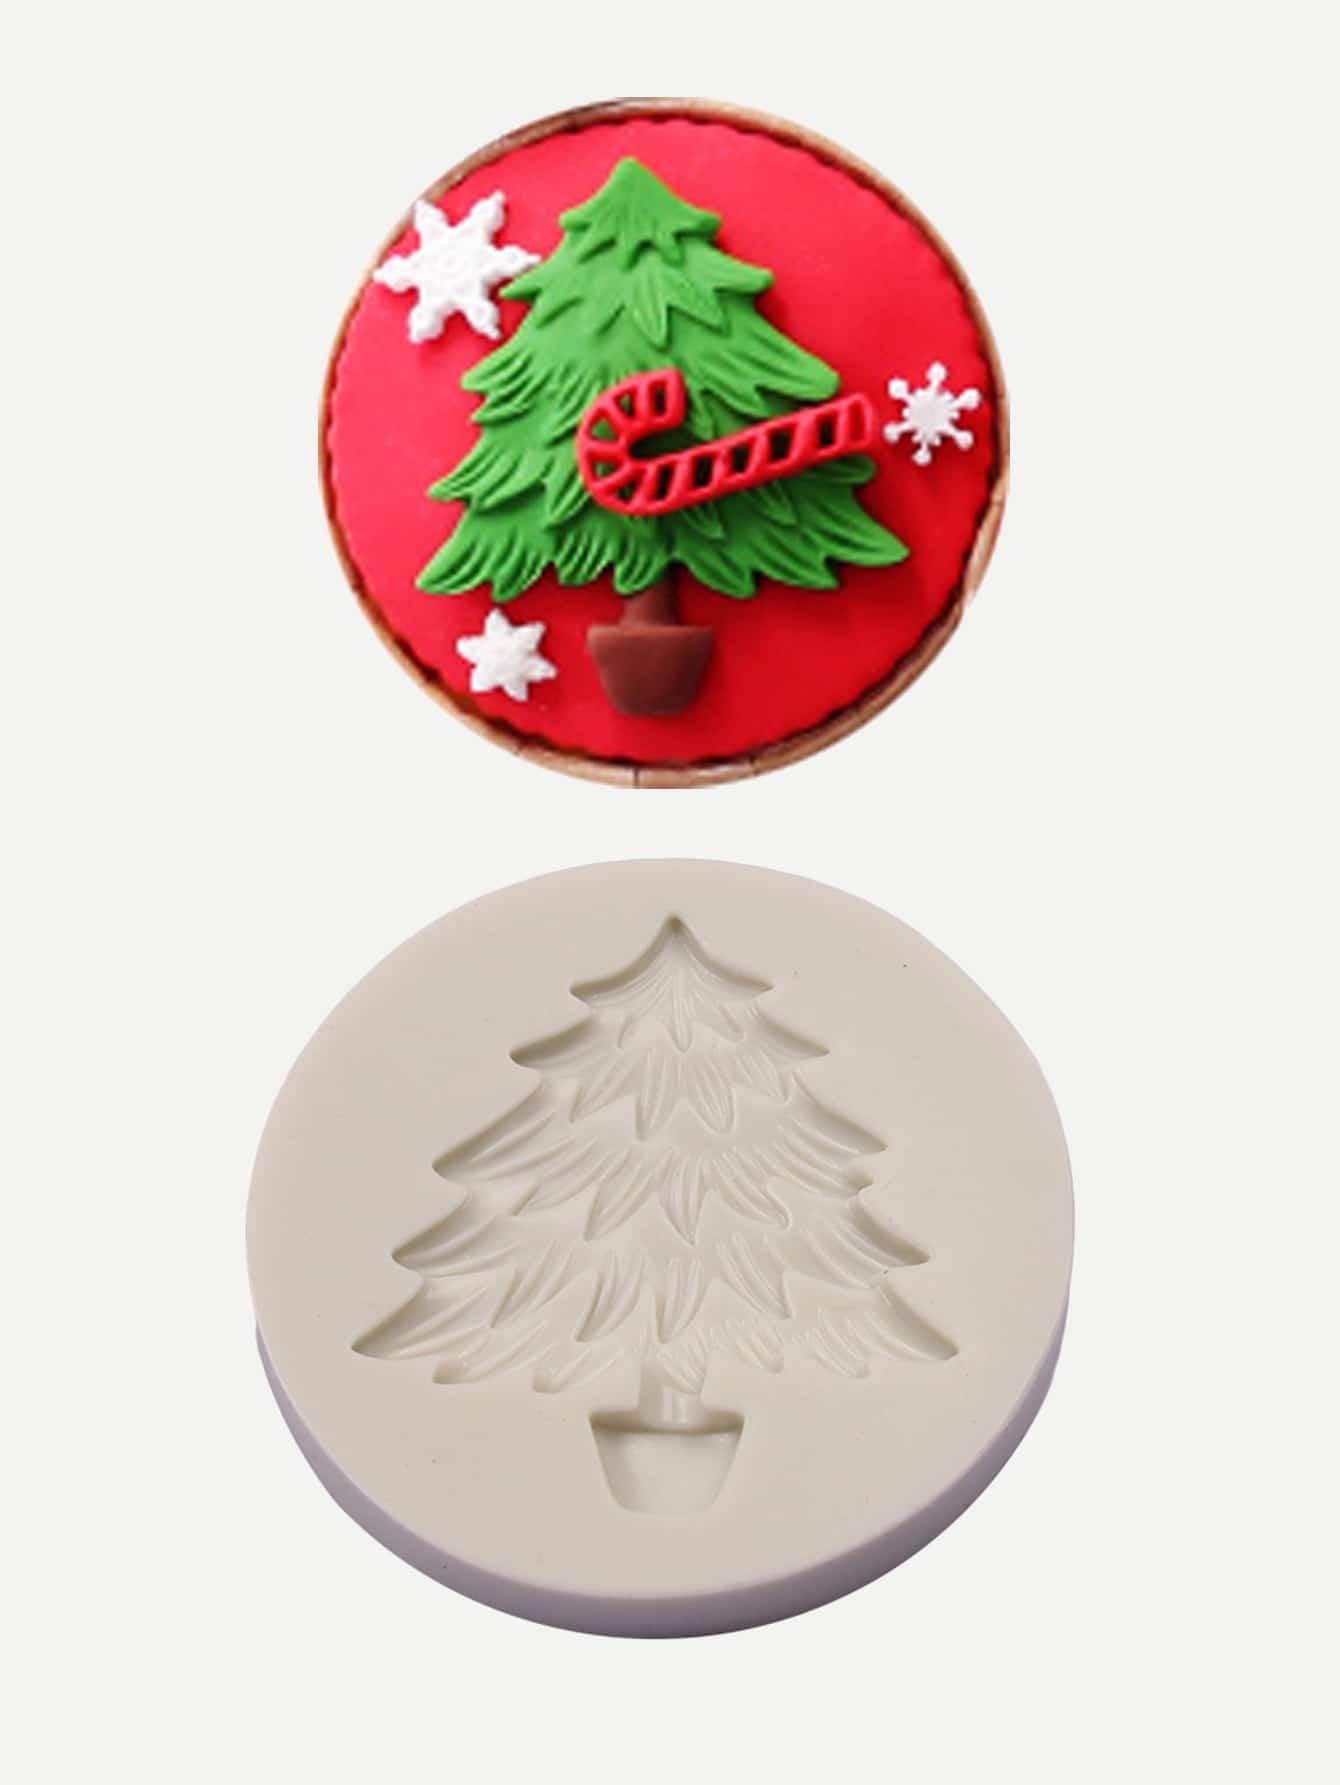 Купить Круглая формовка для выпечки в форме рождественского дерева, null, SheIn